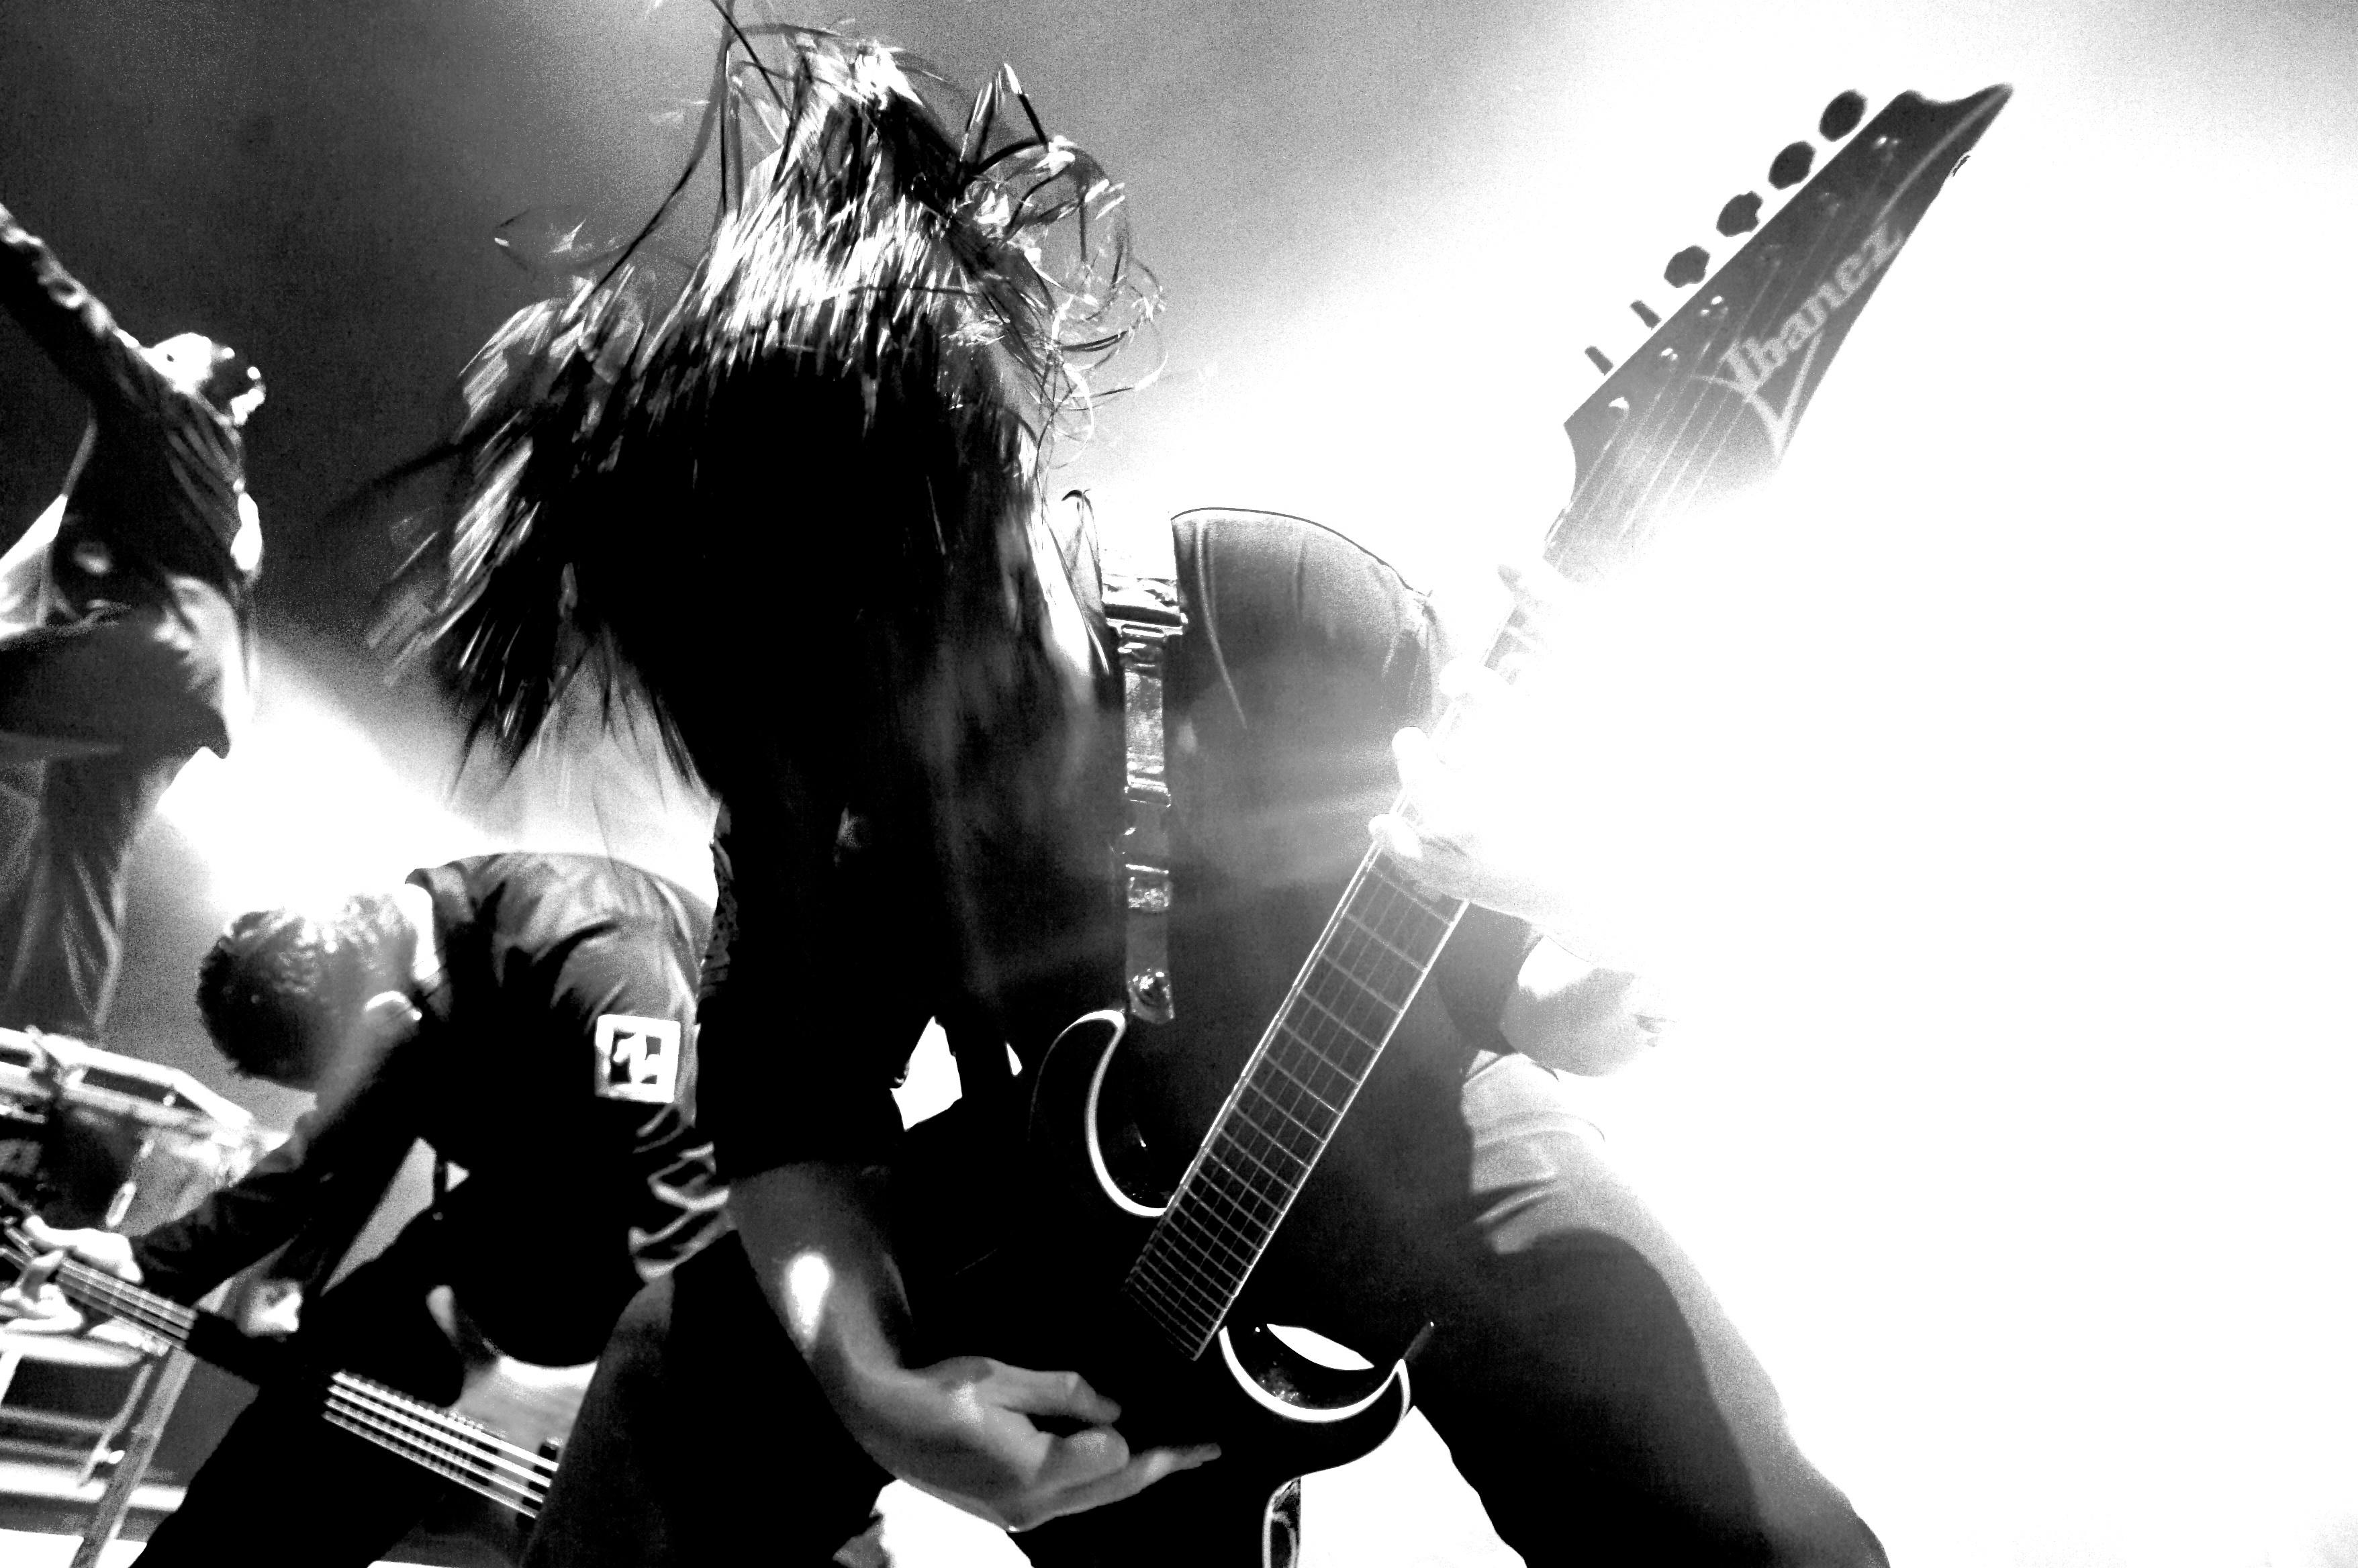 モノクロのスリップノットギター